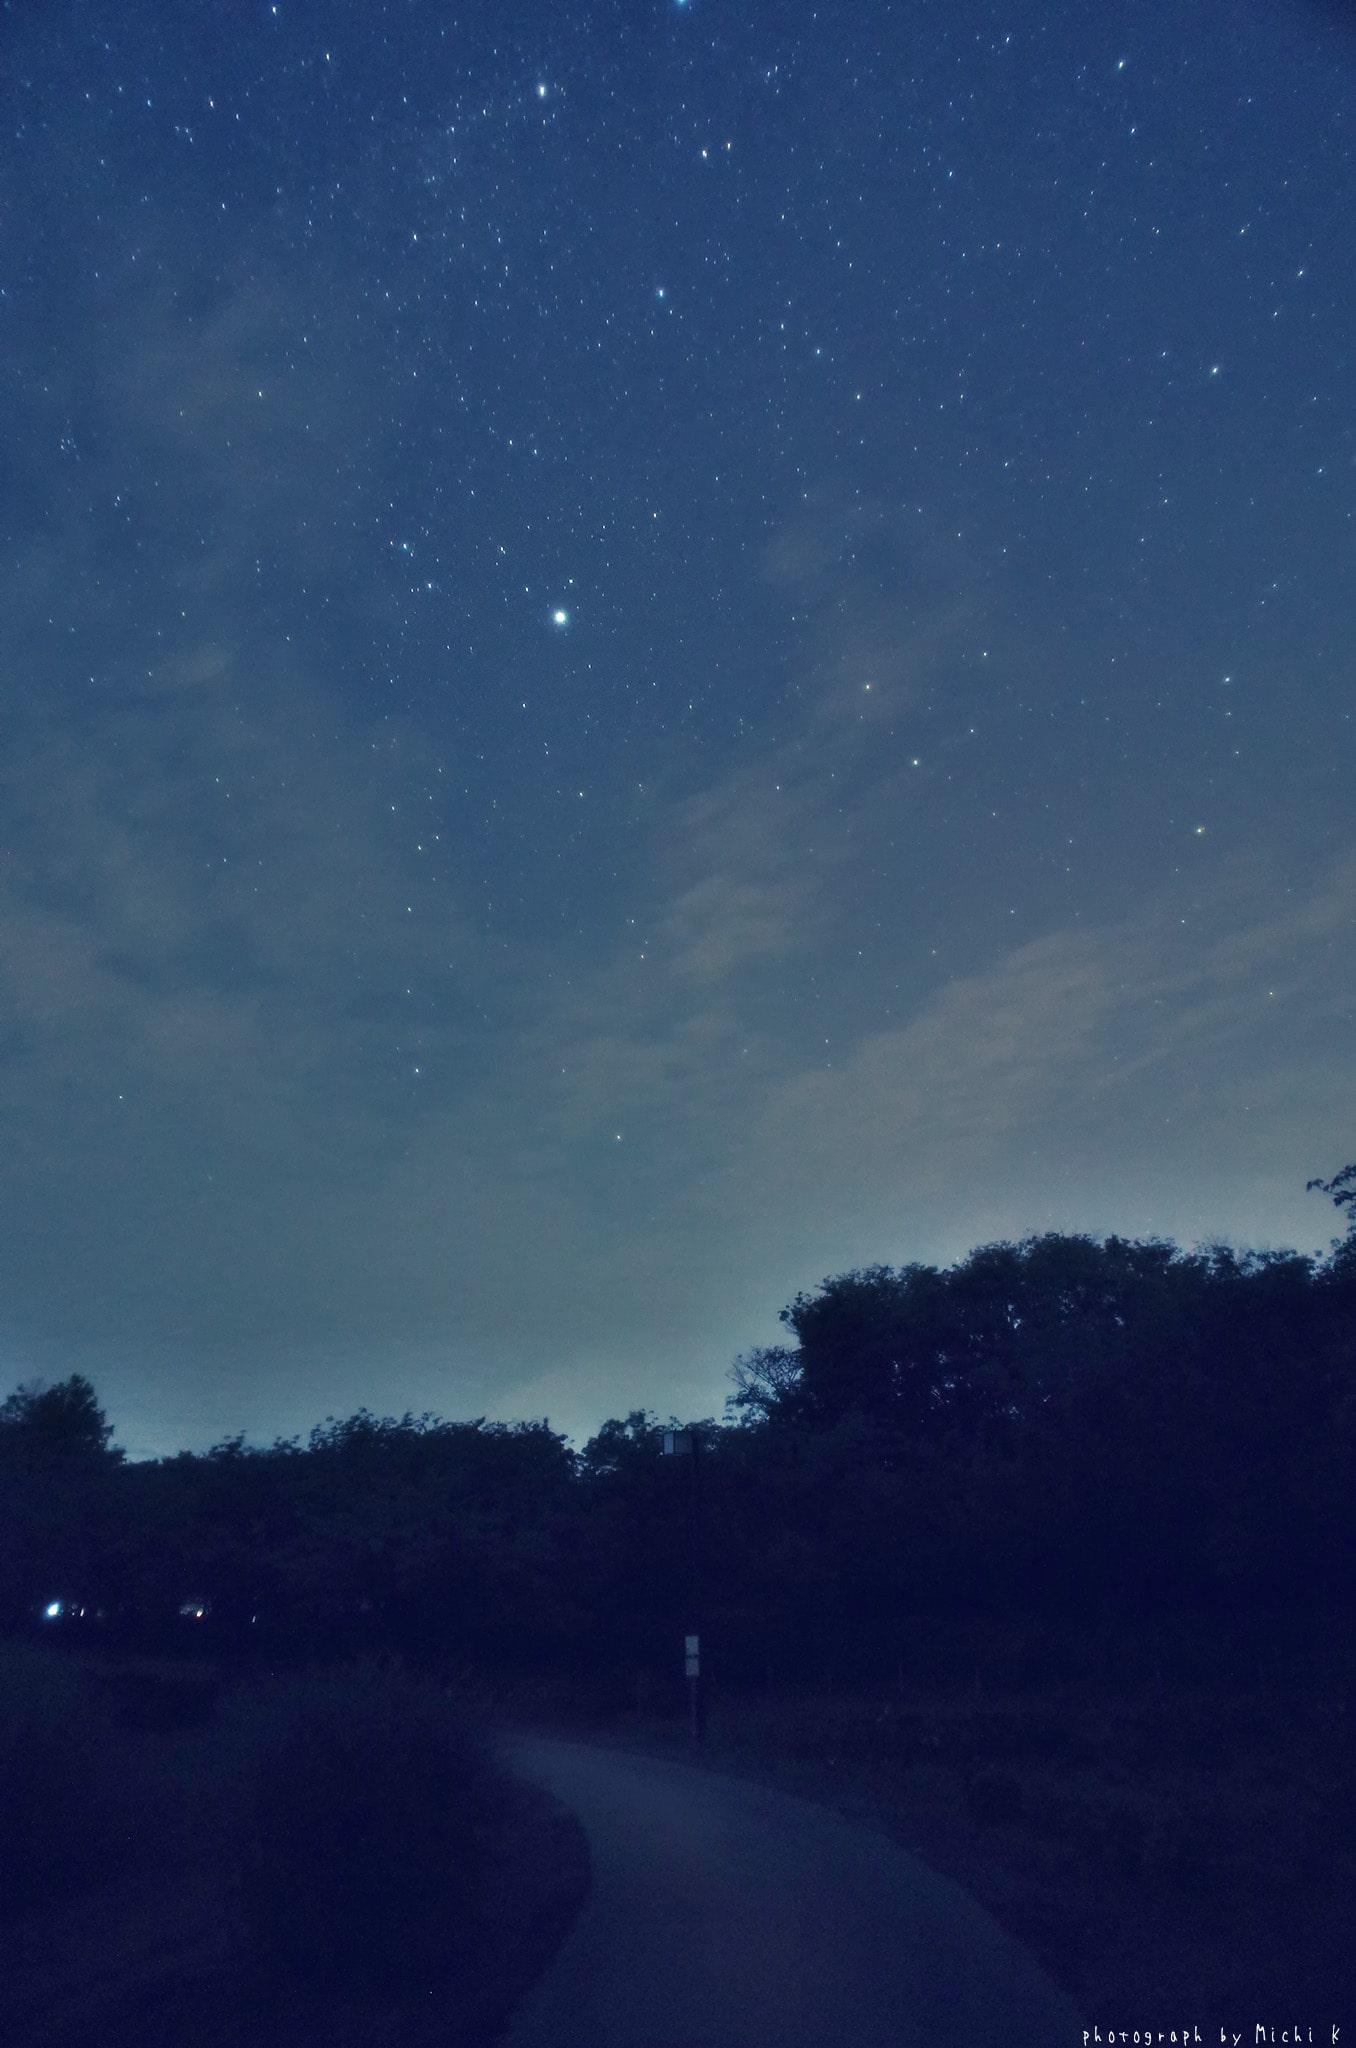 2019年9月4日夜に撮影した星空と土門拳記念館の湖畔の写真・その2